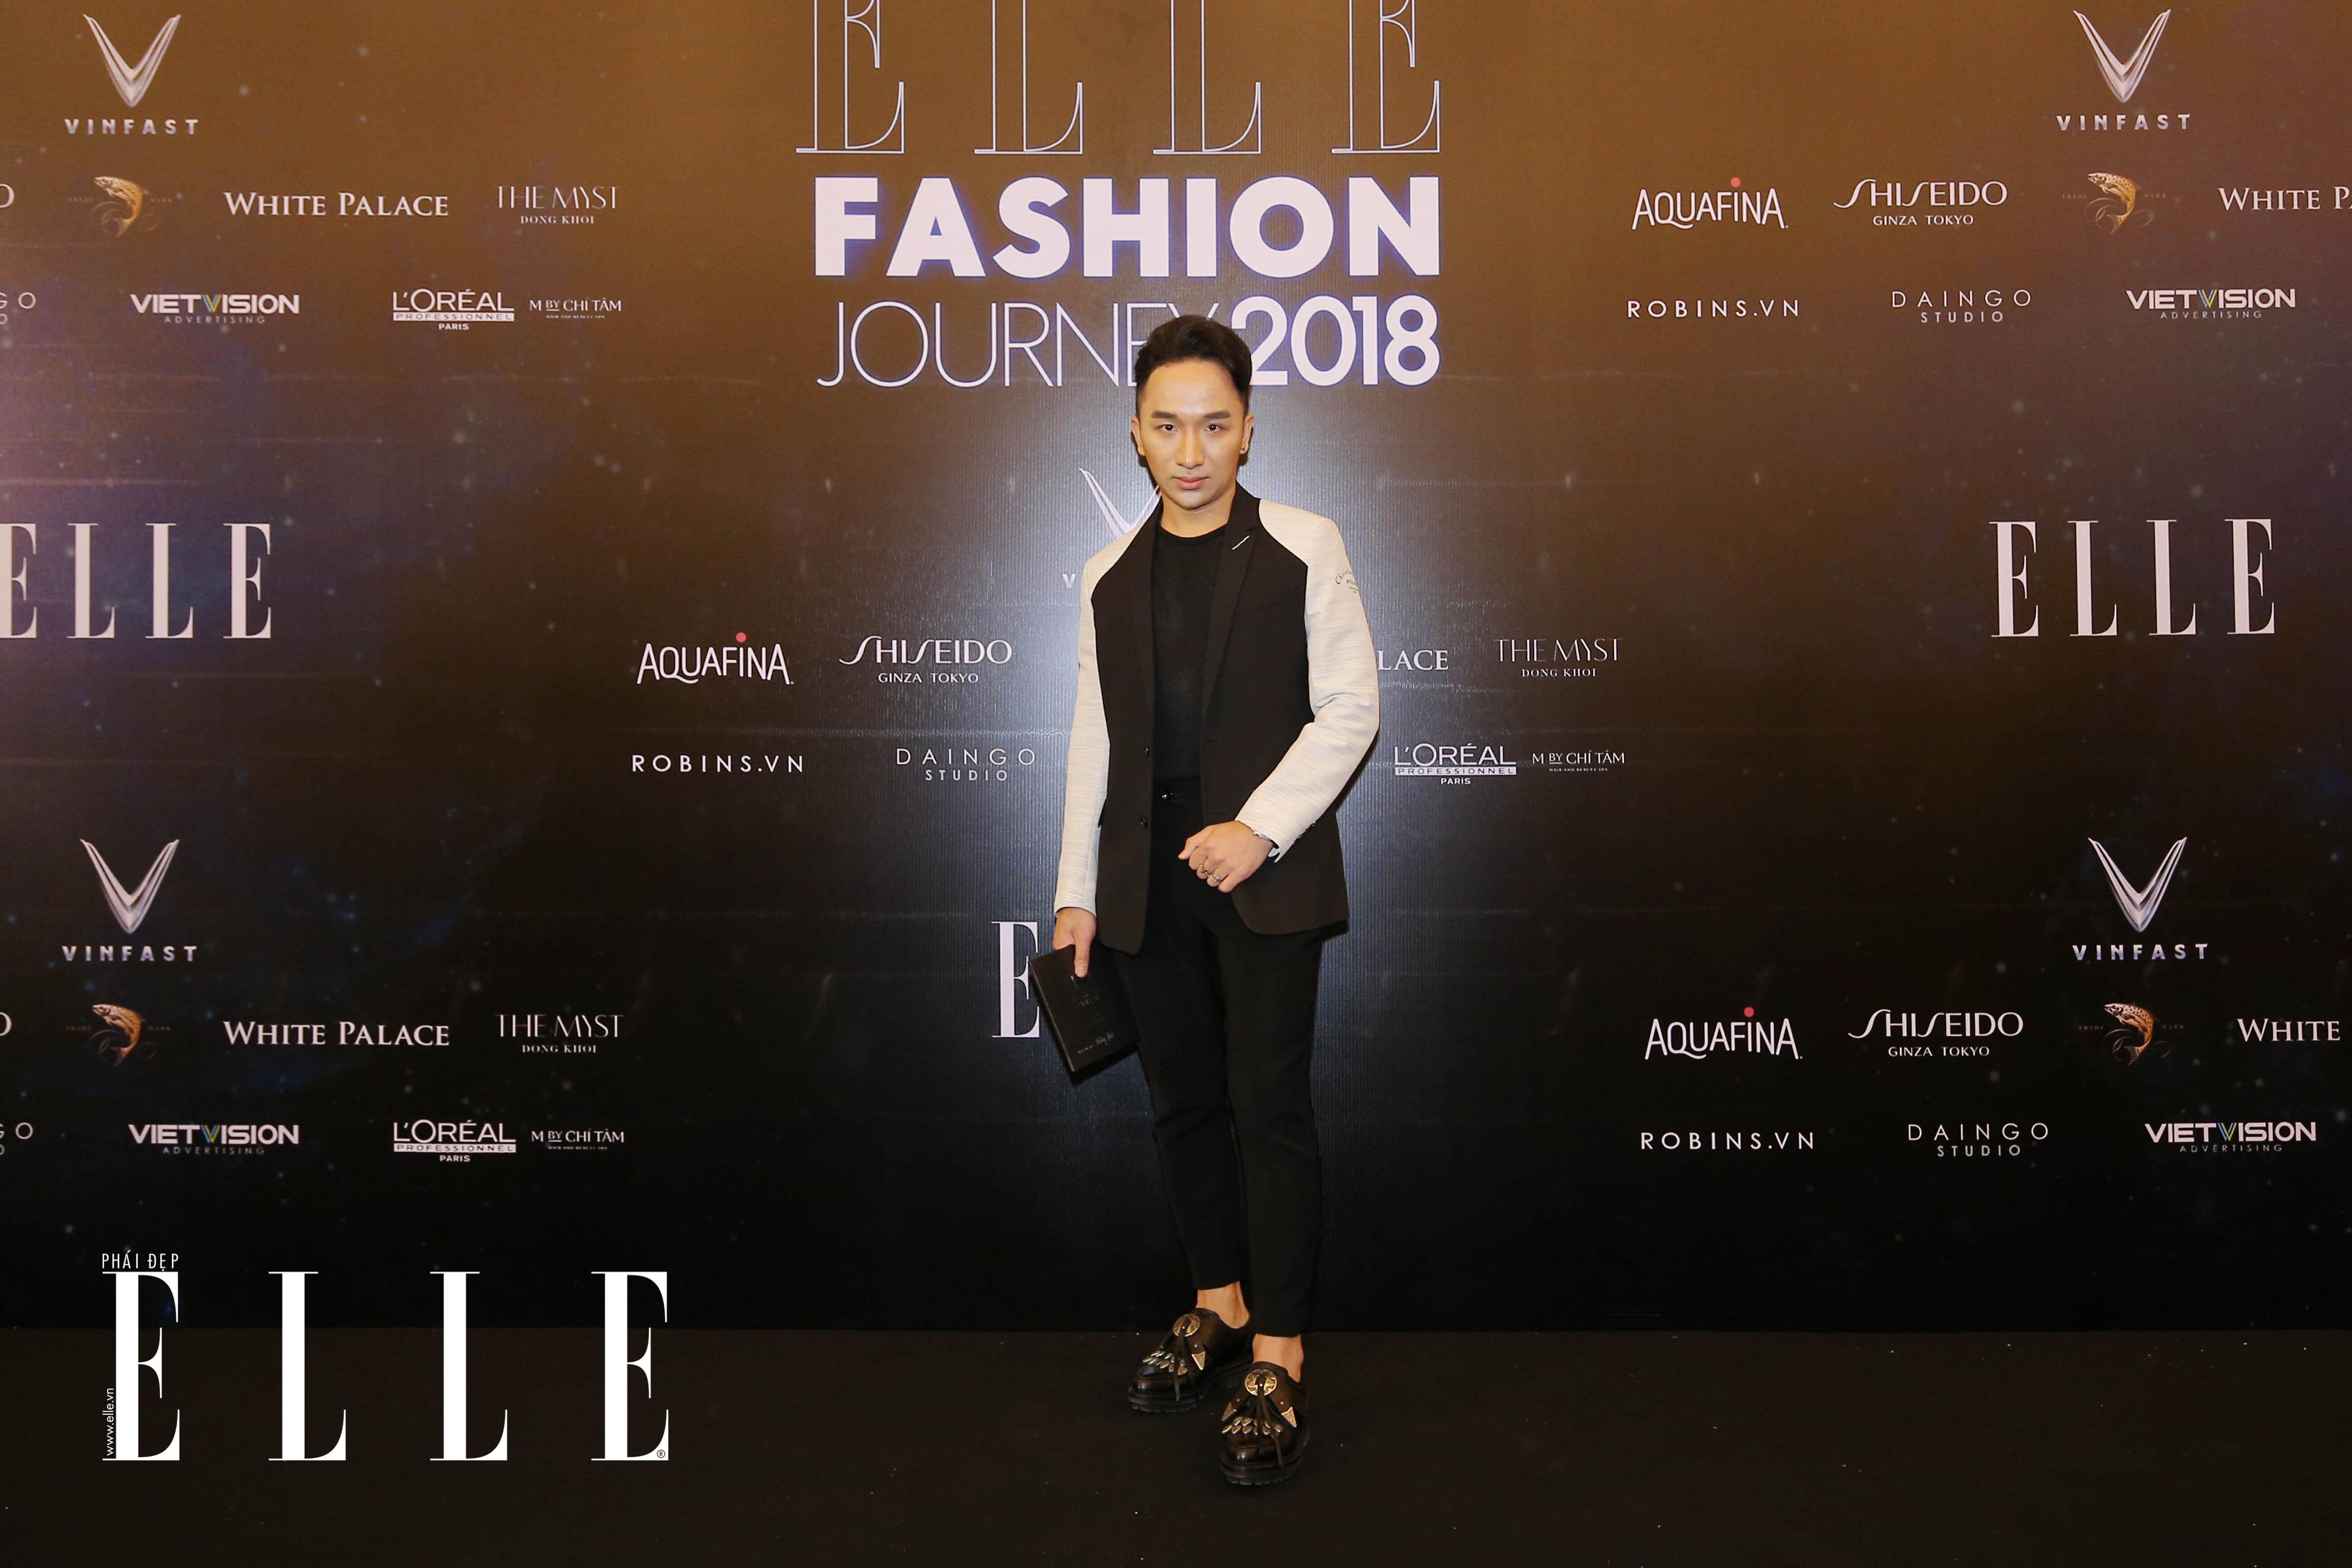 elle fashion journey 2018 - elle man - 7